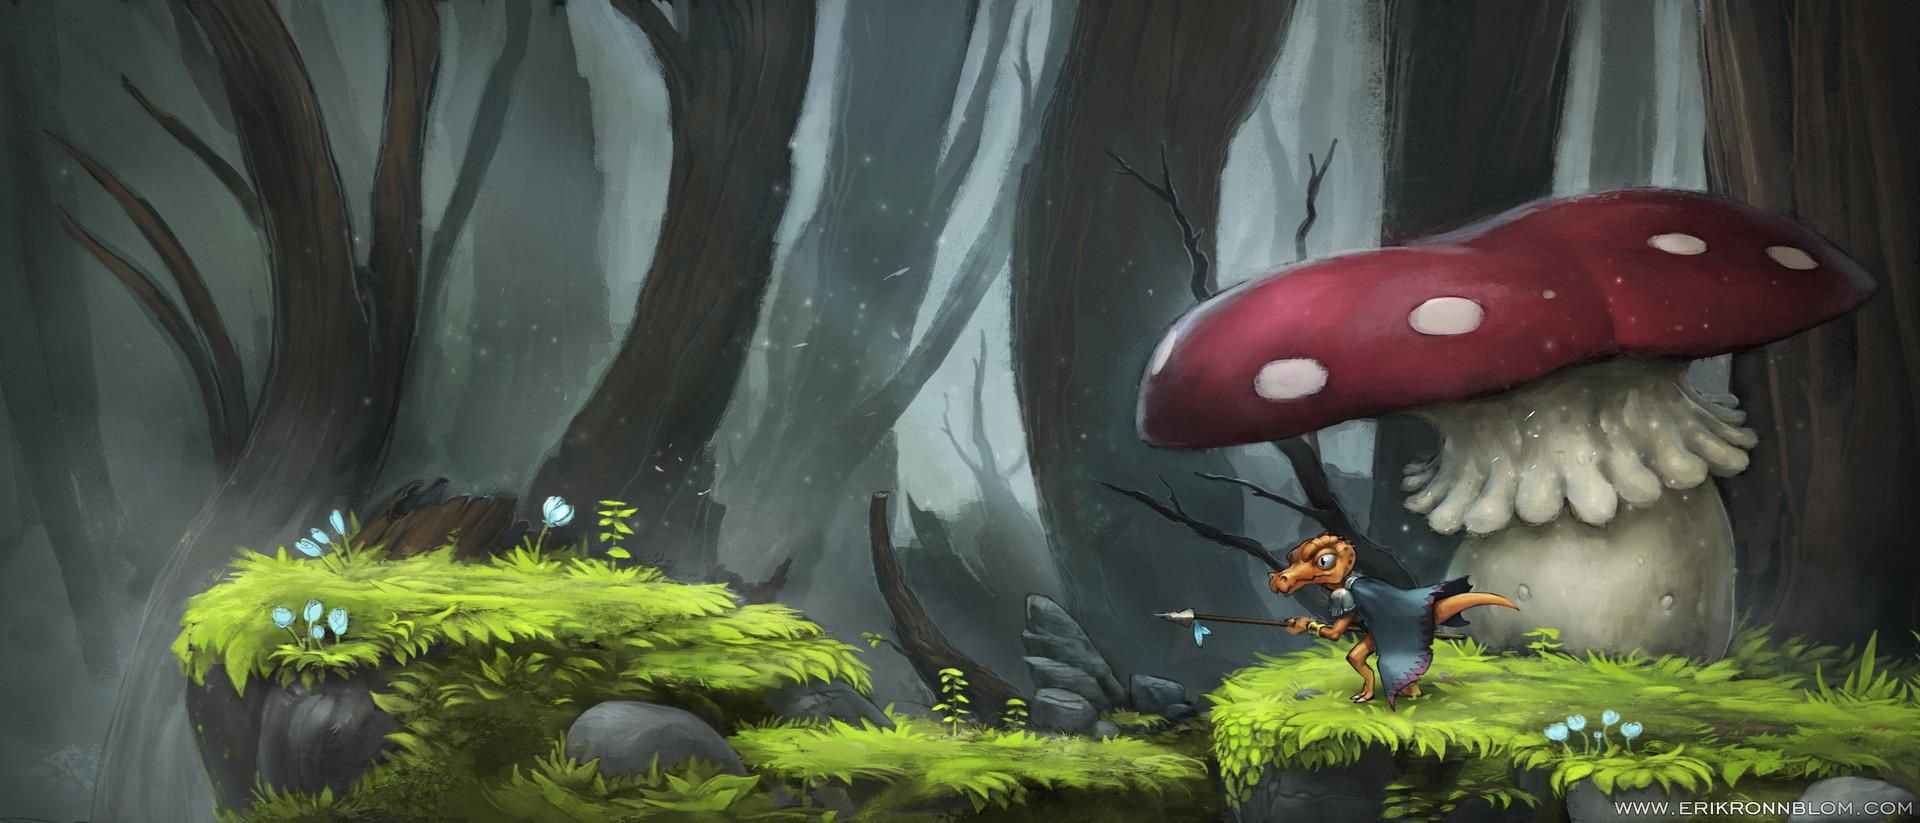 Erik ronnblom mushroom erikronnblom